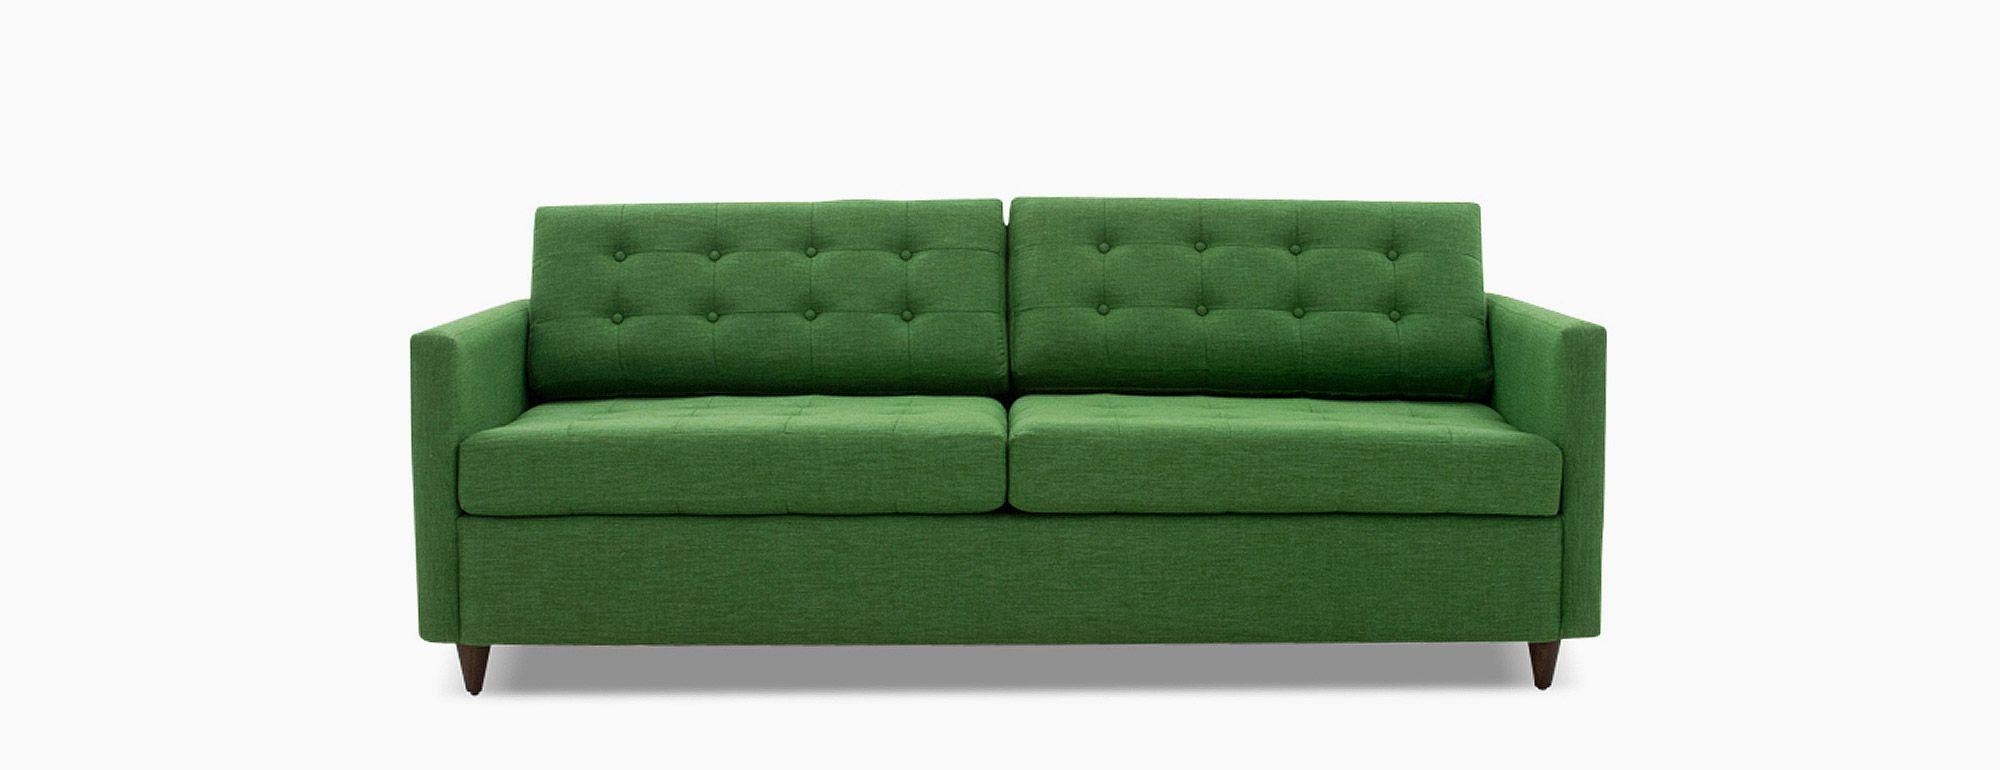 Wondrous Eliot Sleeper Sofa Interior Decor Sofa Sleeper Sofa Pabps2019 Chair Design Images Pabps2019Com